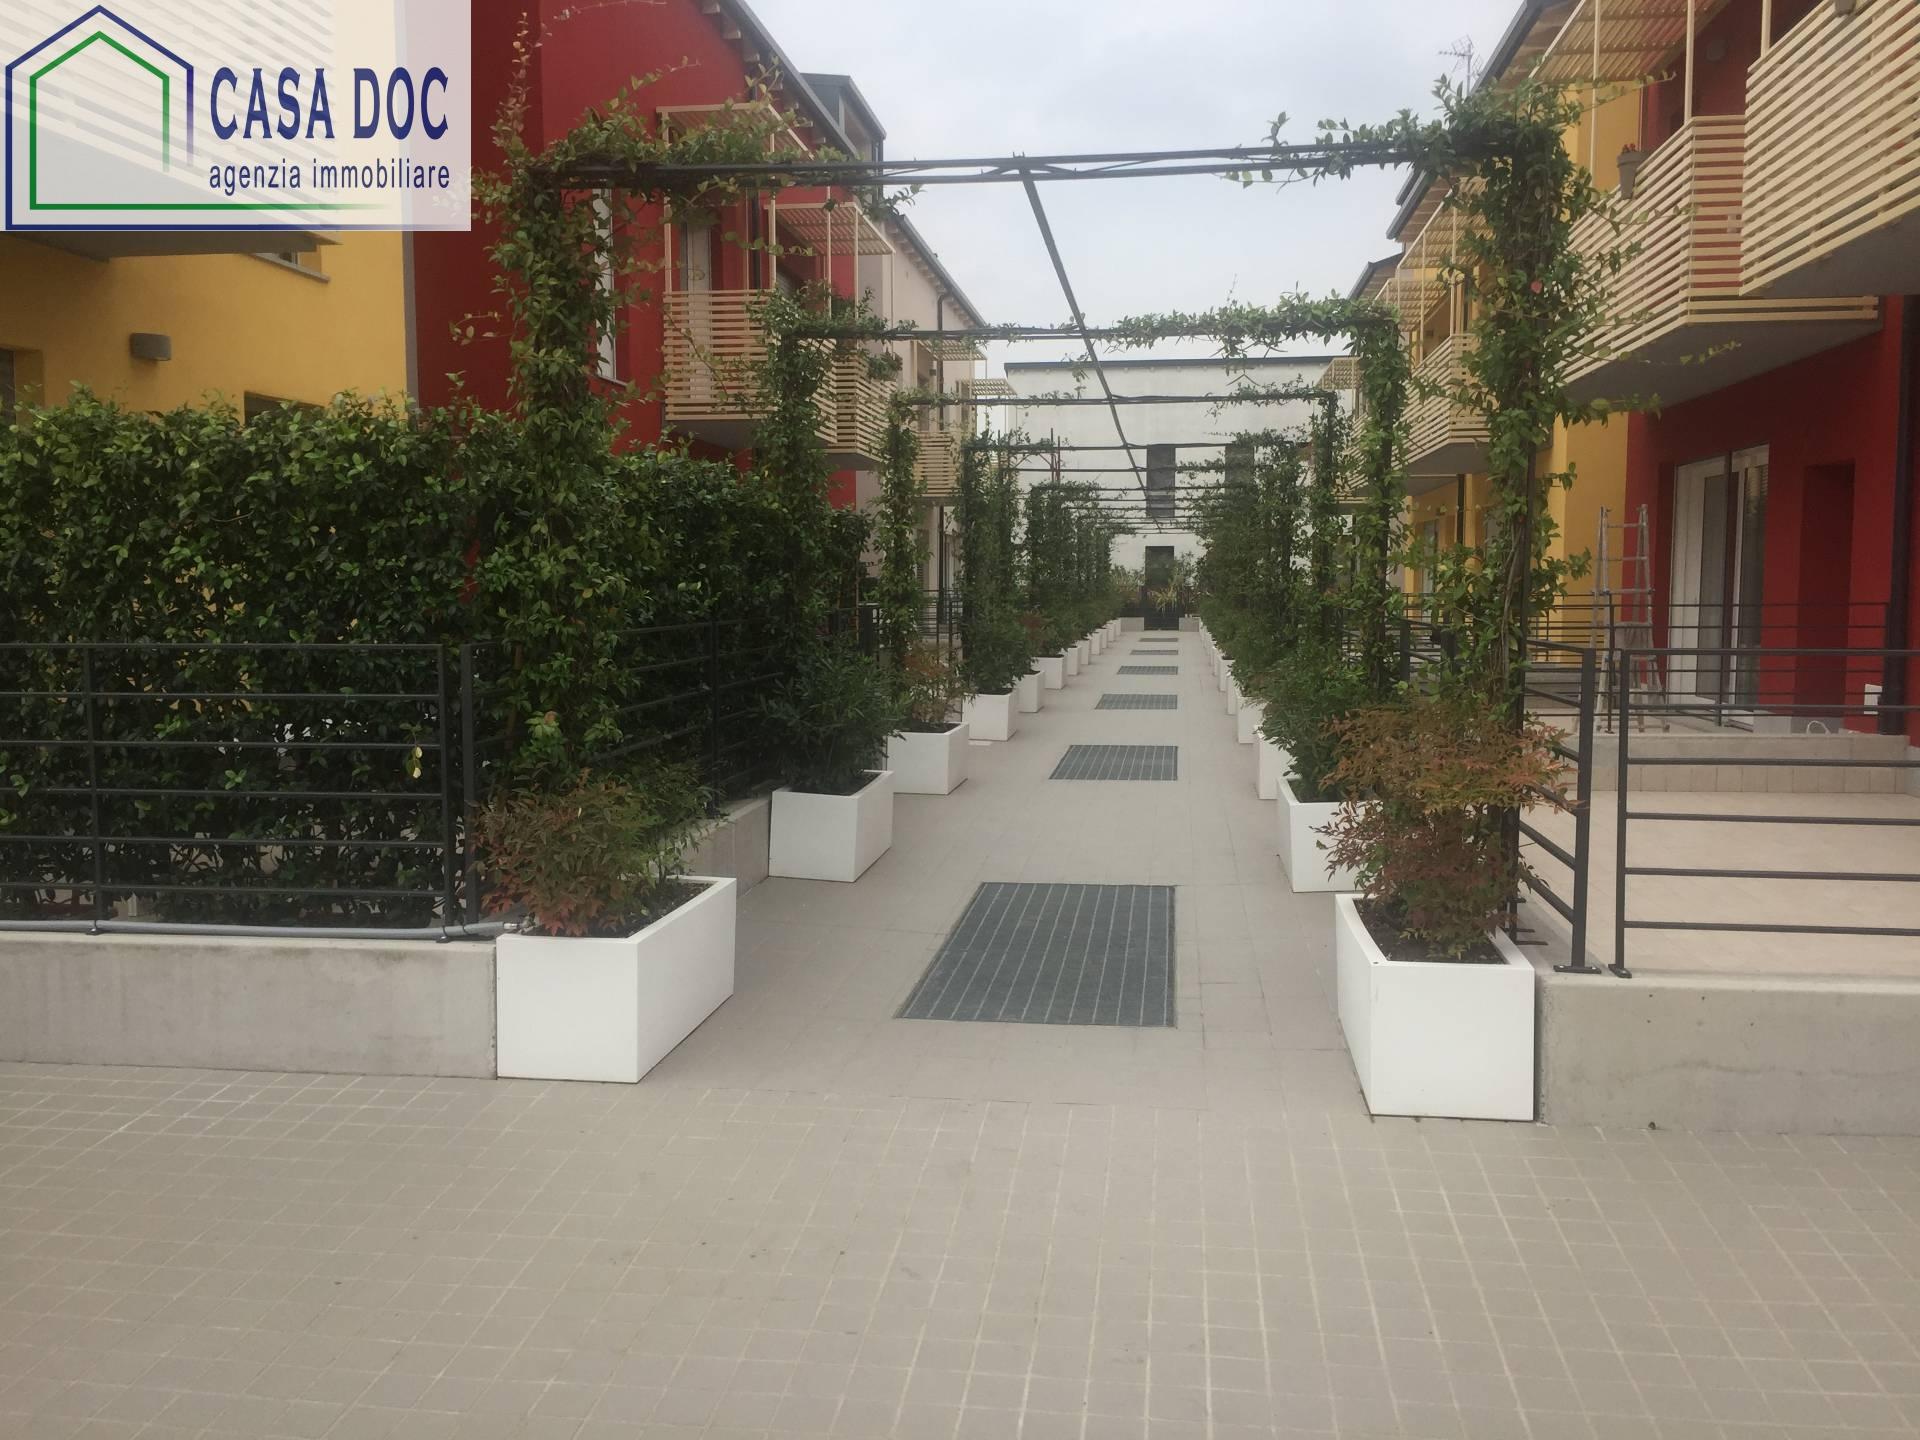 Appartamento in vendita a Pavia, 1 locali, zona Località: V.leRiviera-CasasulFiume, prezzo € 235.000 | Cambio Casa.it